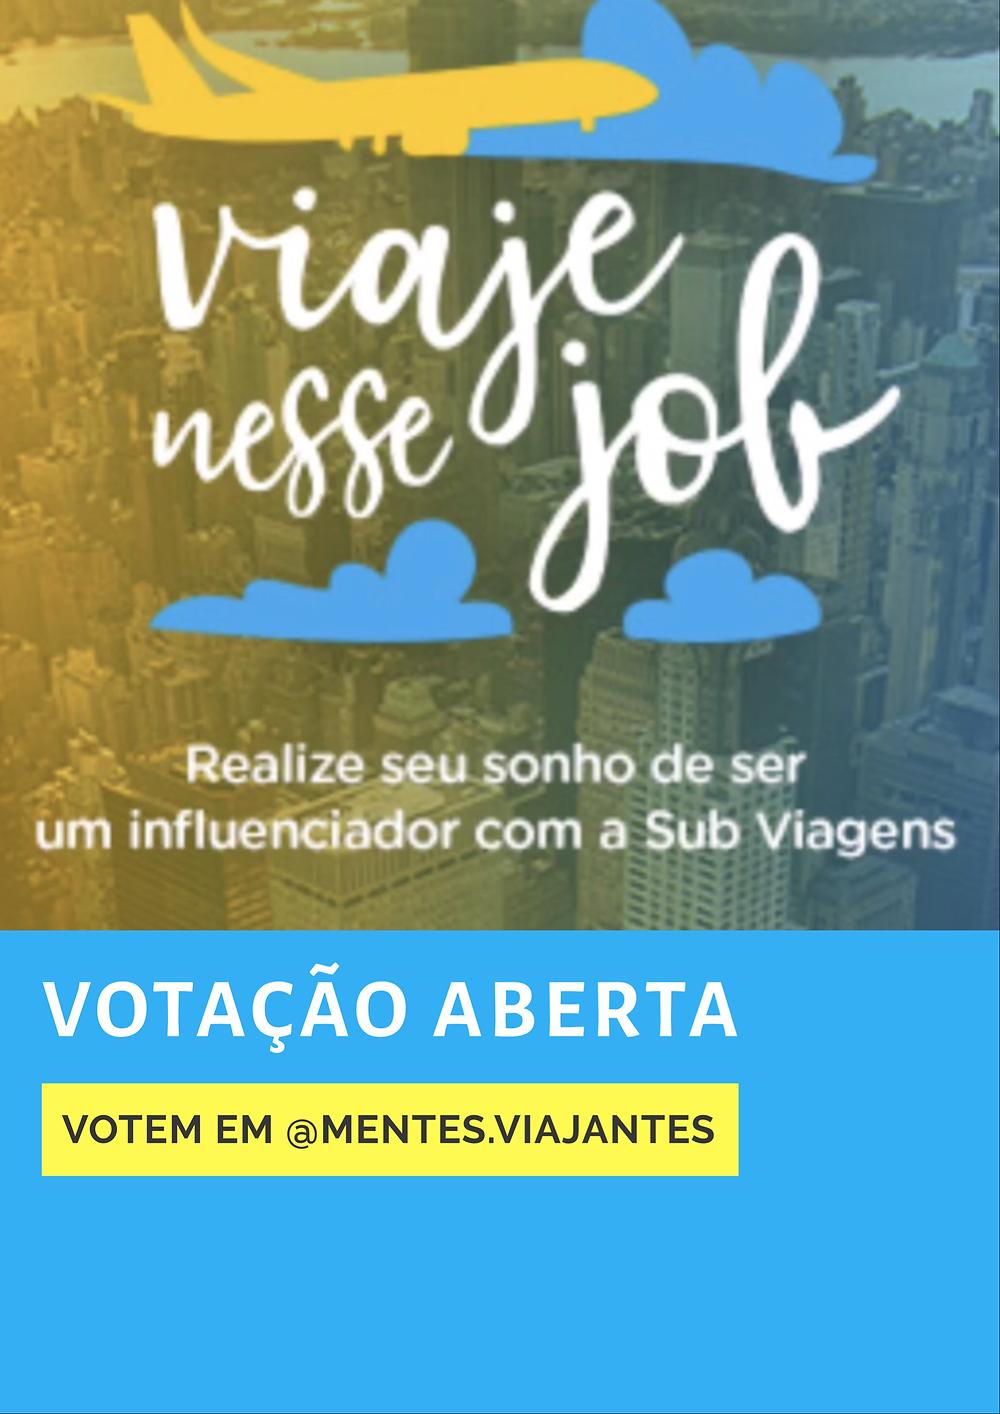 Viaje Nesse Job